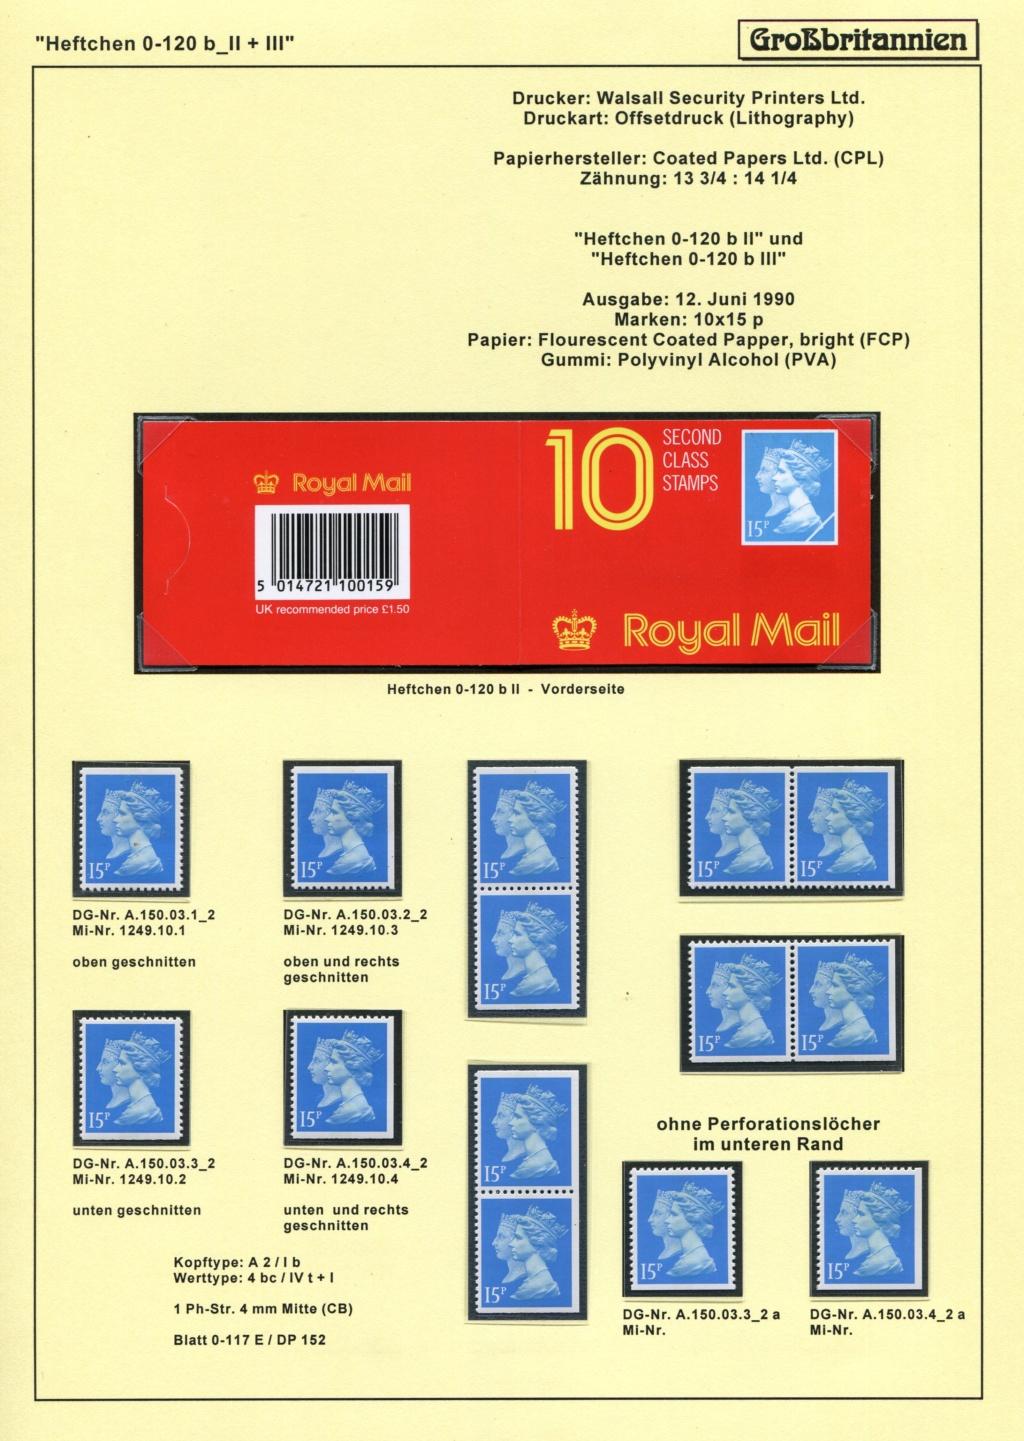 Großbritannien - 150 Jahre Briefmarken Black_54